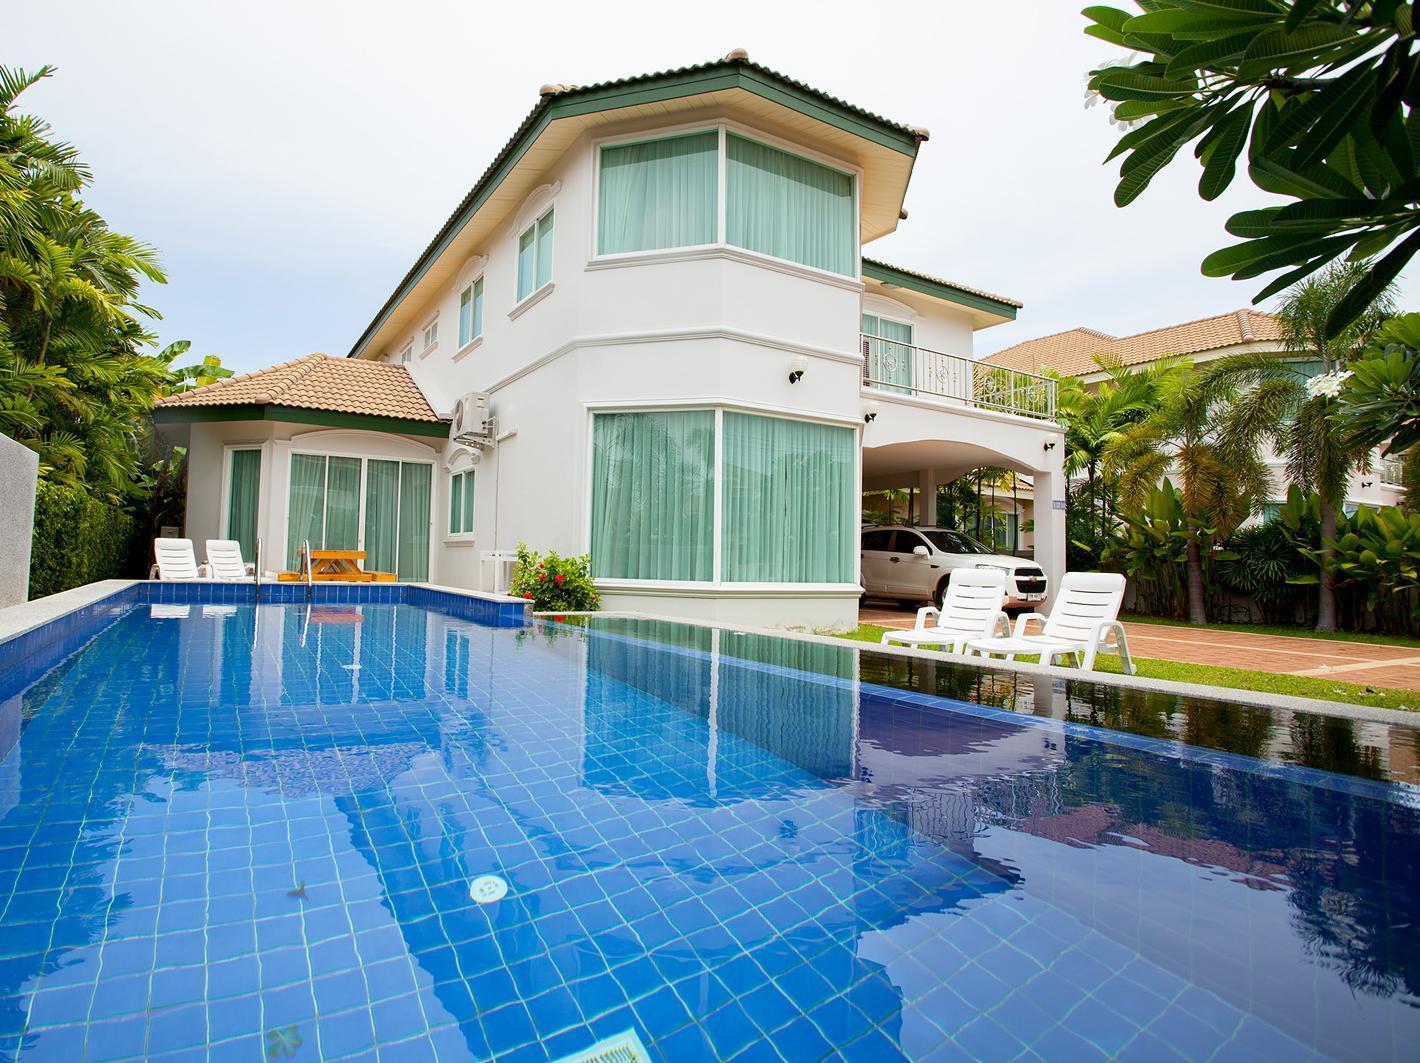 Wonderland Pool Villa